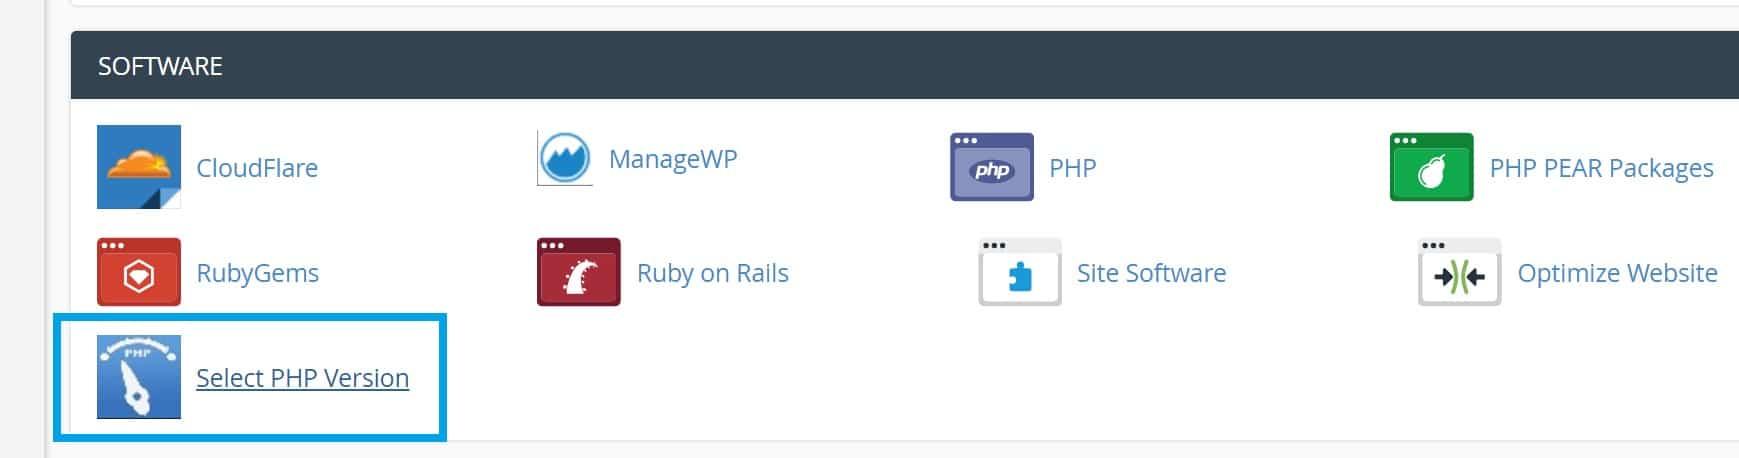 Selecione a versão PHP no cPanel